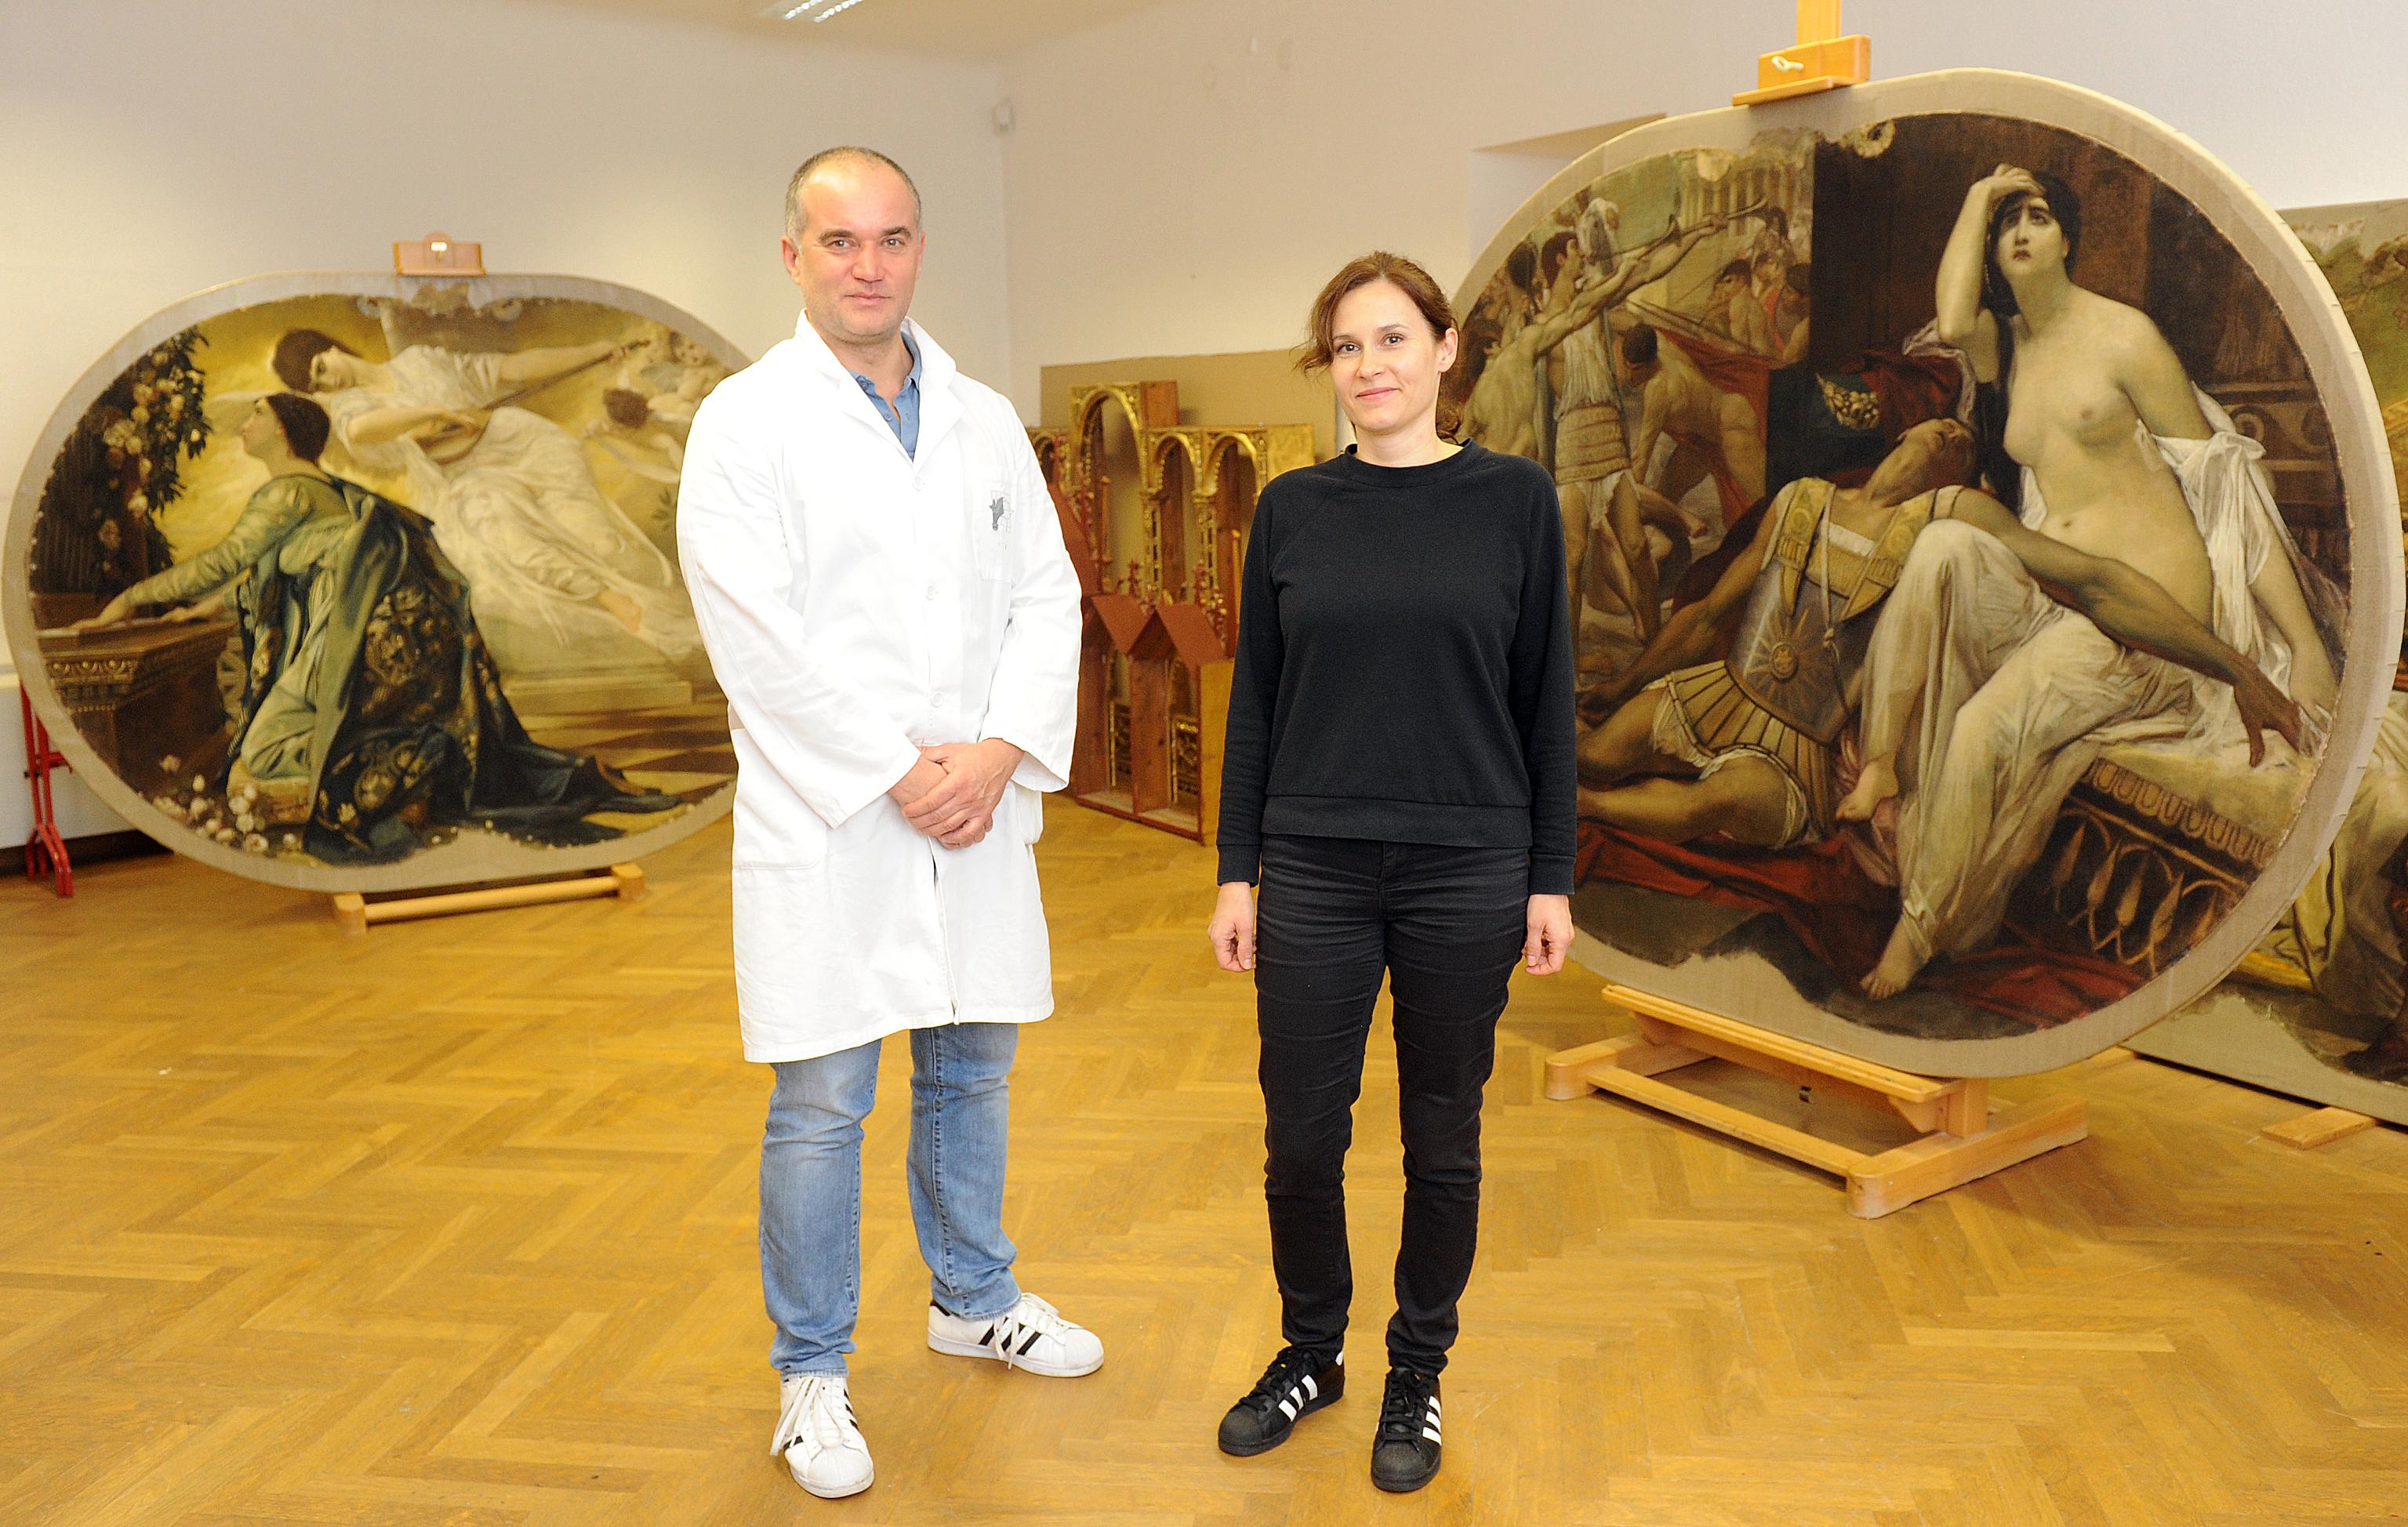 Goran Bulić i Ana Rušin-Bulić riječki su tim, ujedno i bračni par, koji radi na restauriranju slika iz Kazališta / Snimio Marko GRACIN